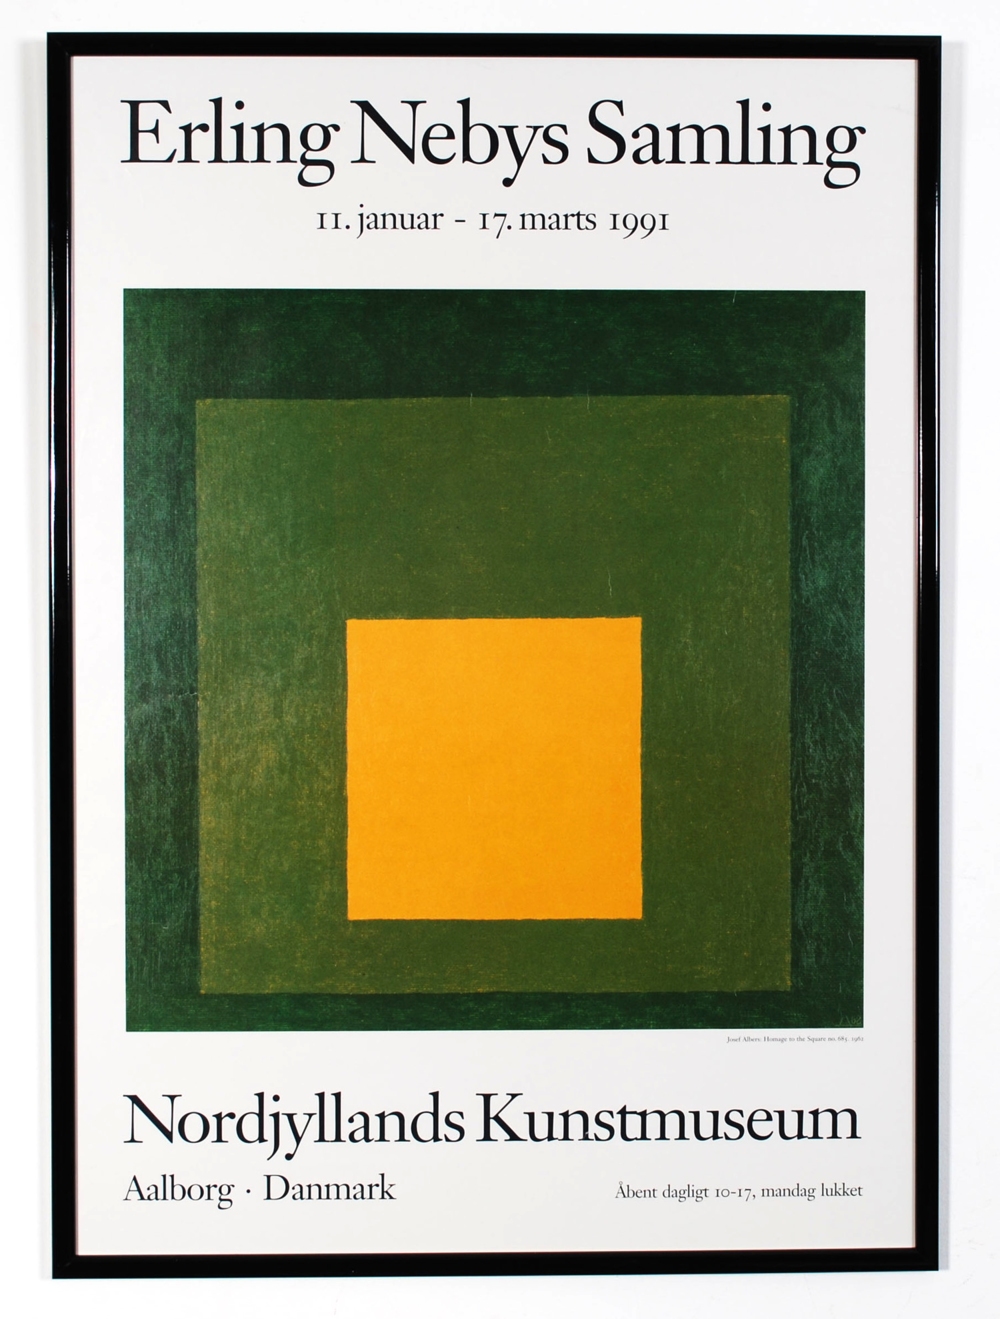 Original poster Erling Nebys Samling - Nordjyllands Kunstmuseum - Aalborg Danmark - 1991  - AVAILABLE